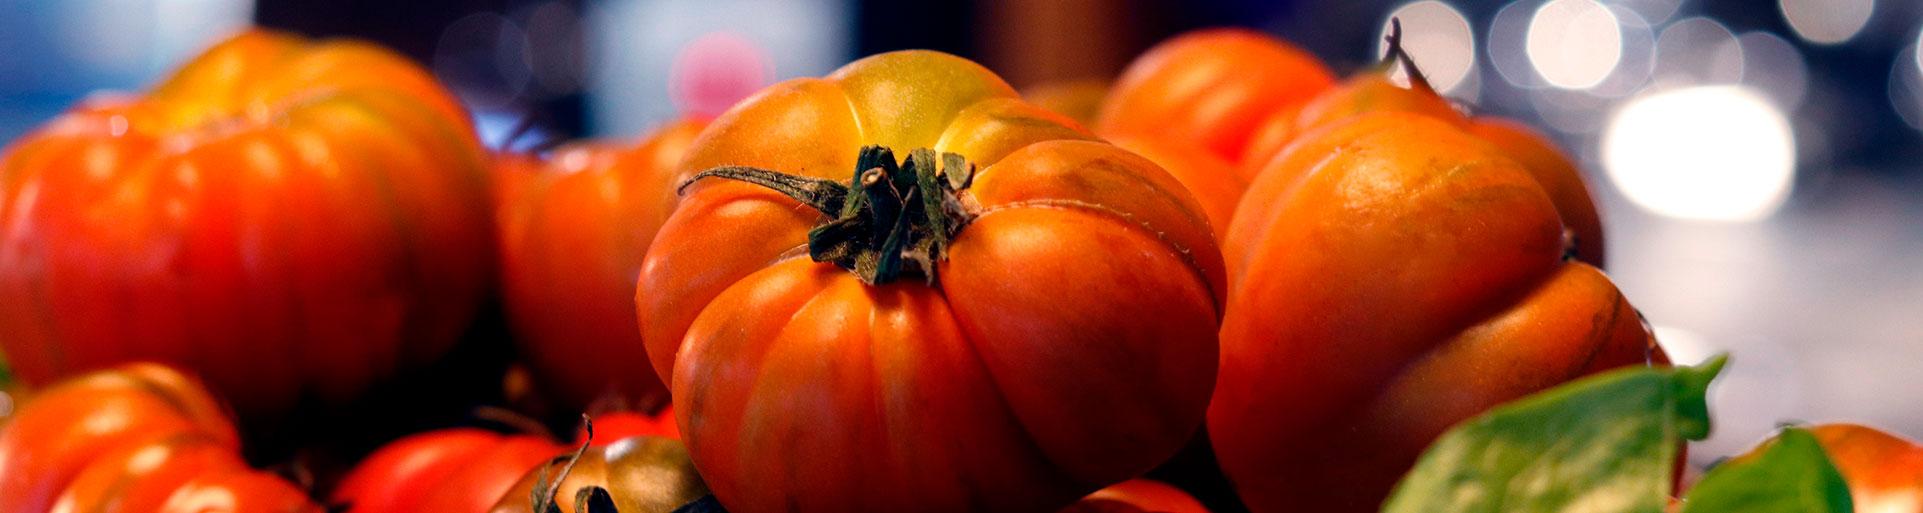 Tomates frescos del Restaurante El Galeón